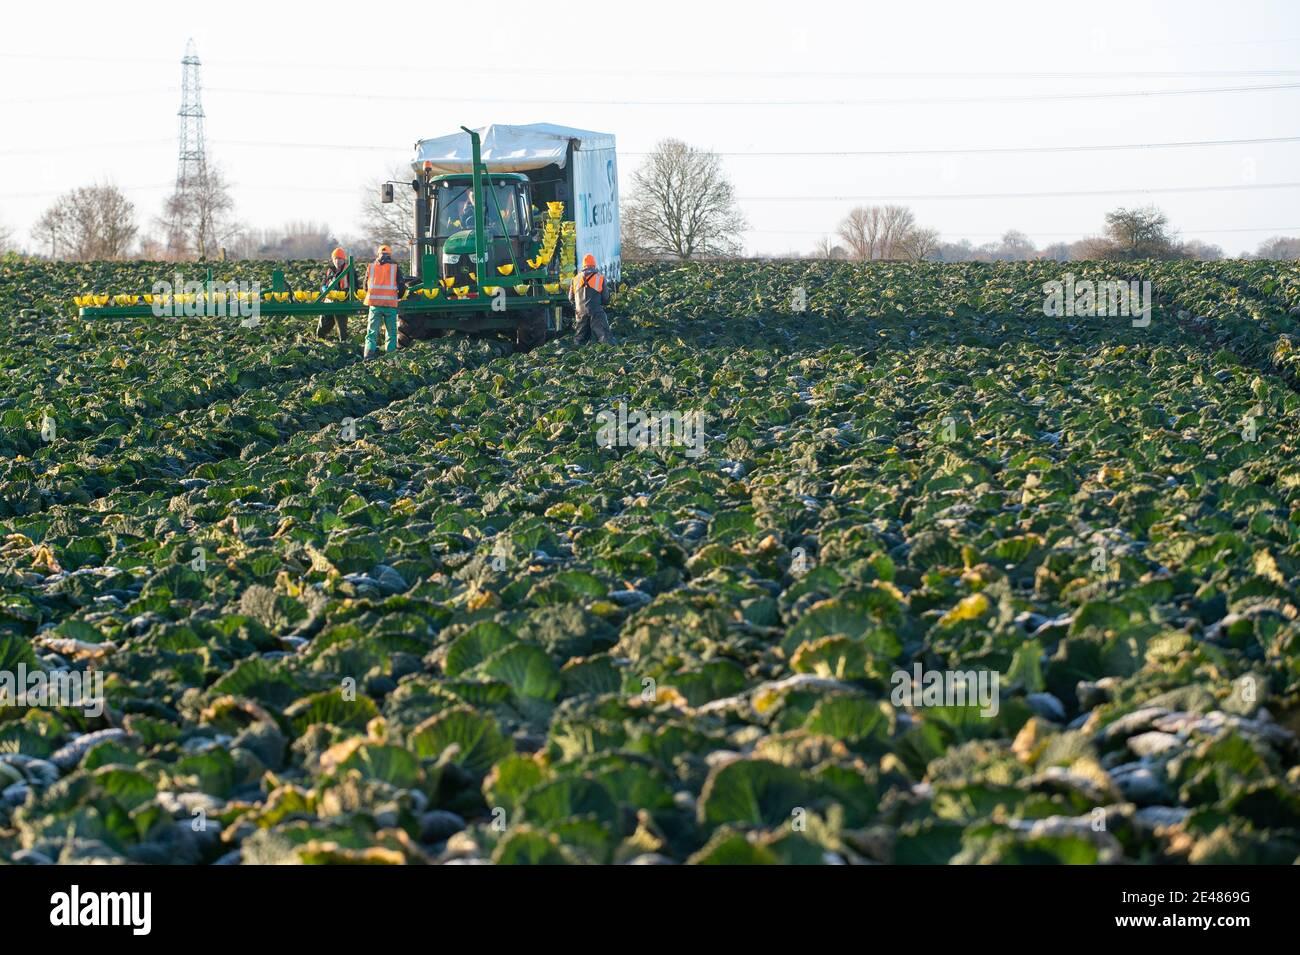 Les travailleurs récoltent des choux de savoie à TH Clements près de Boston dans le Lincolnshire. Date de la photo: Vendredi 22 janvier 2021. Banque D'Images